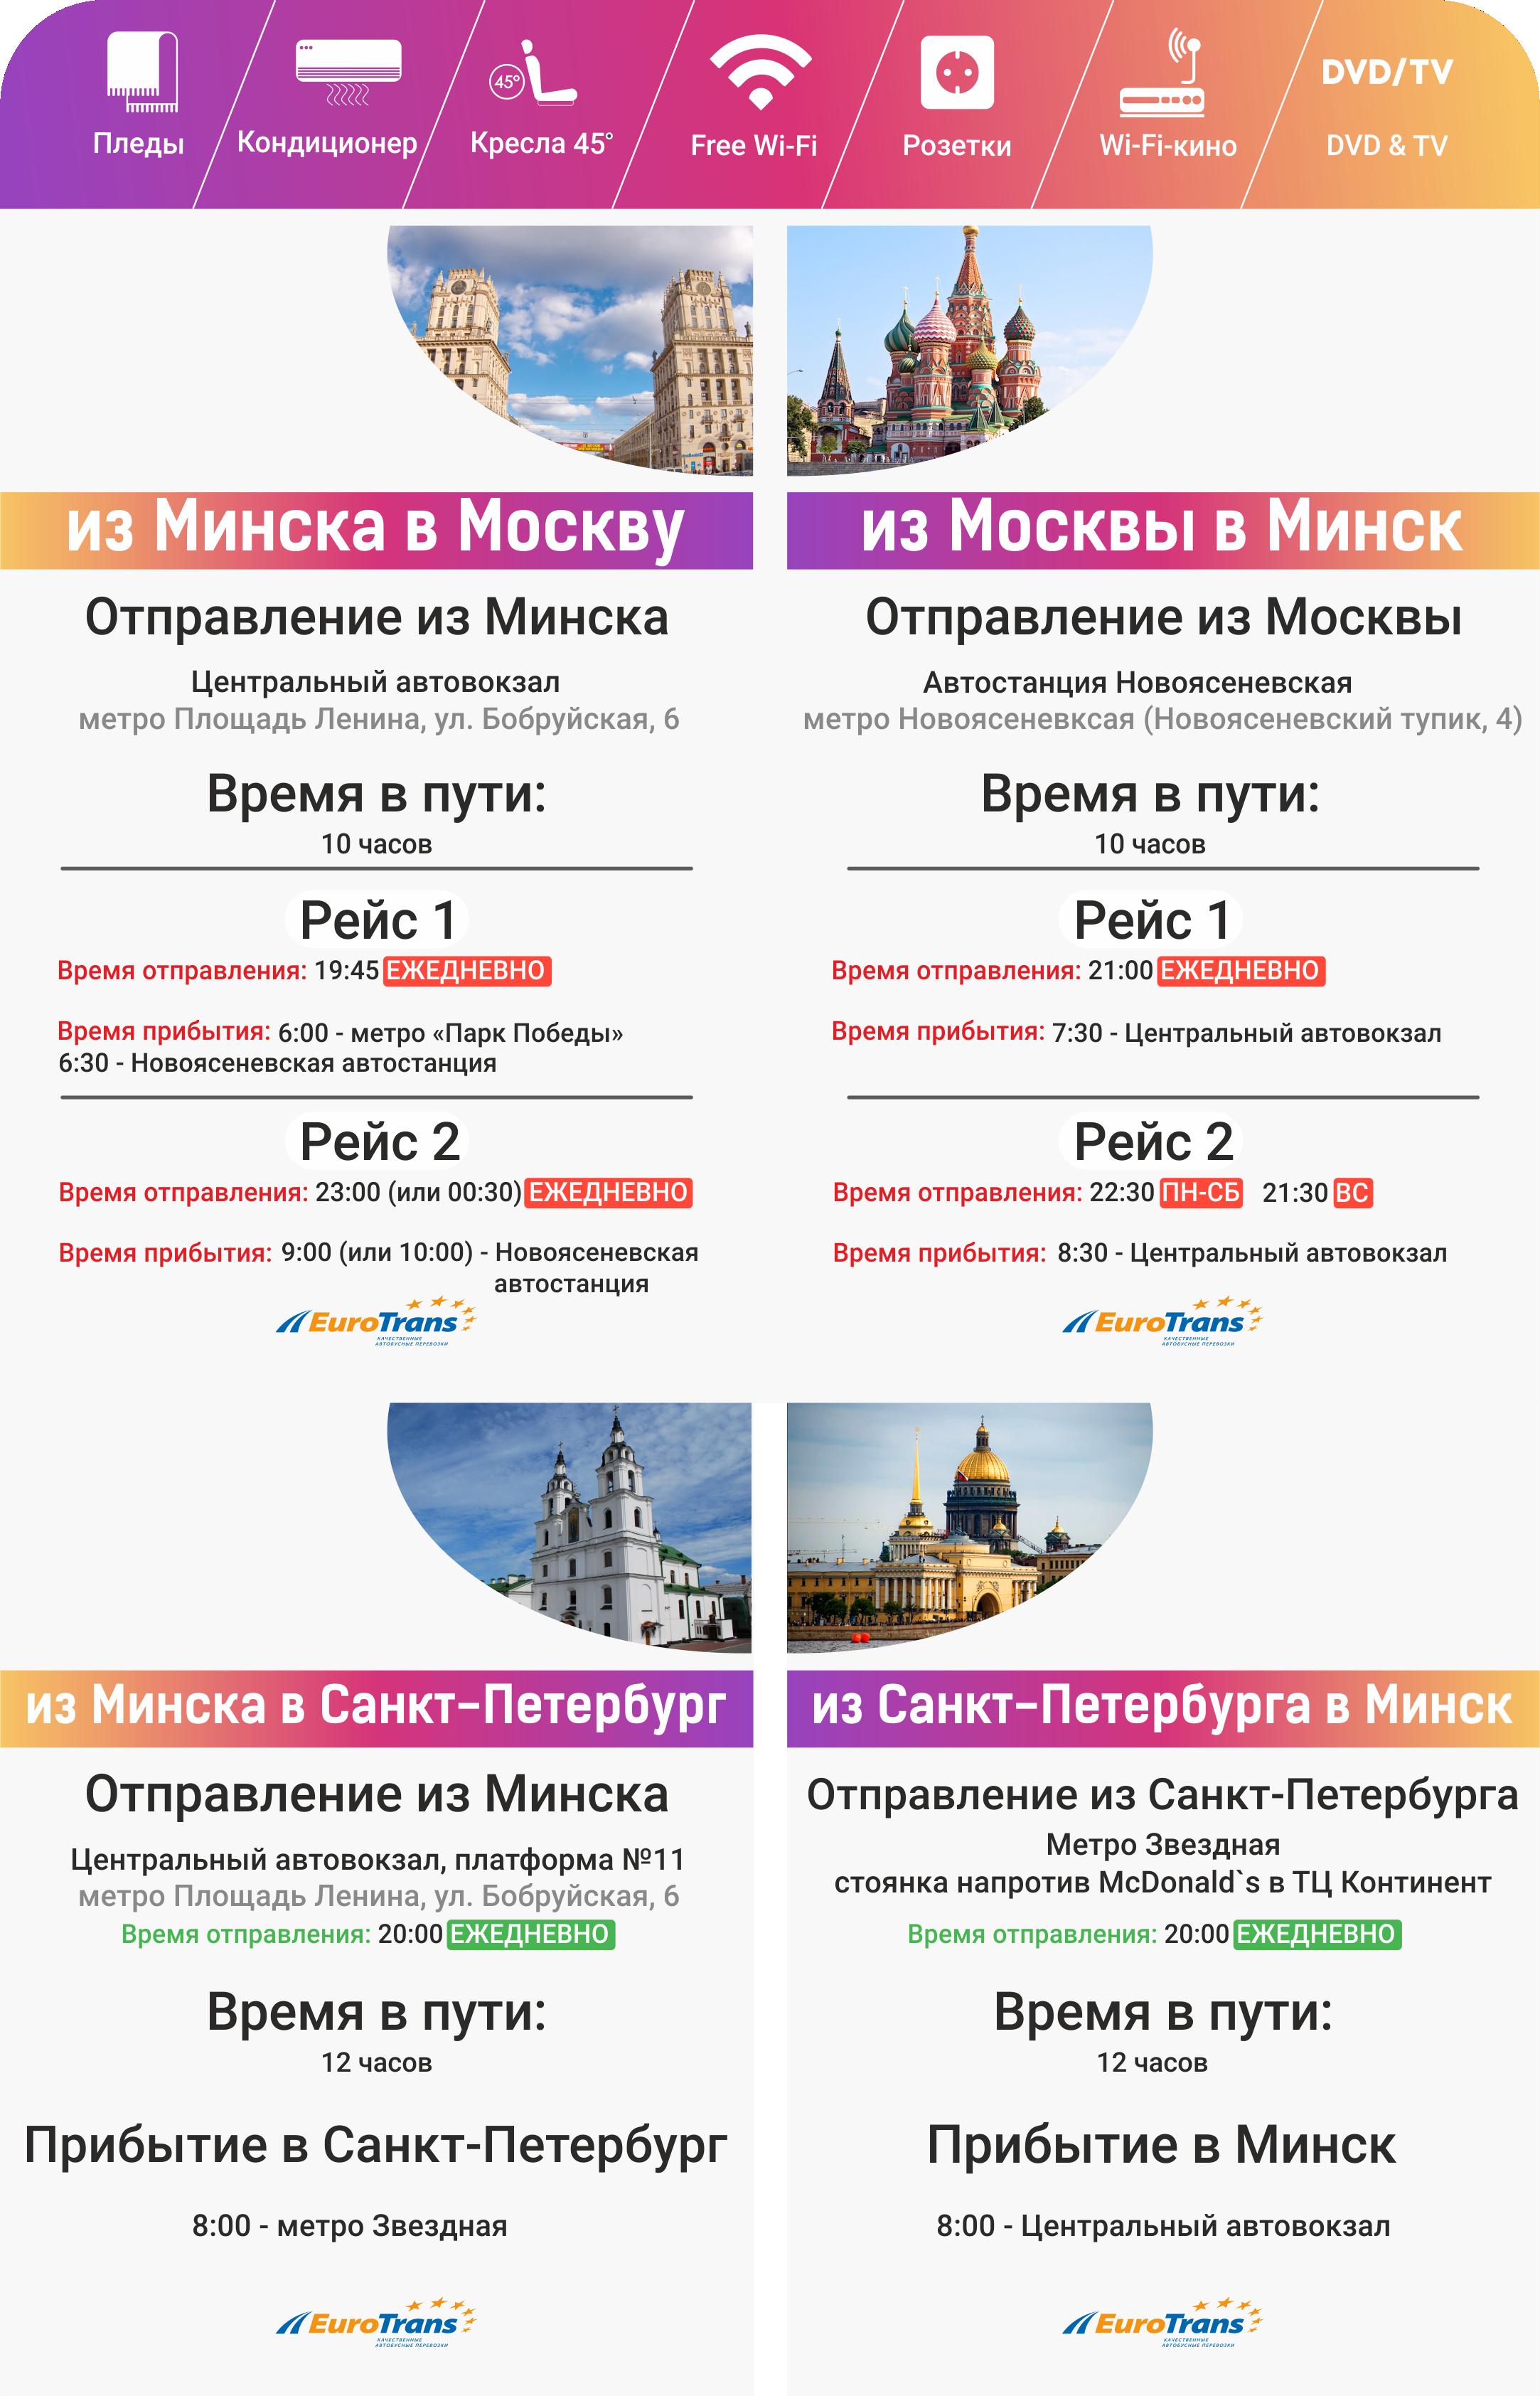 Билеты Минск - Москва/Санкт-Петербург - Минск от 25 руб.